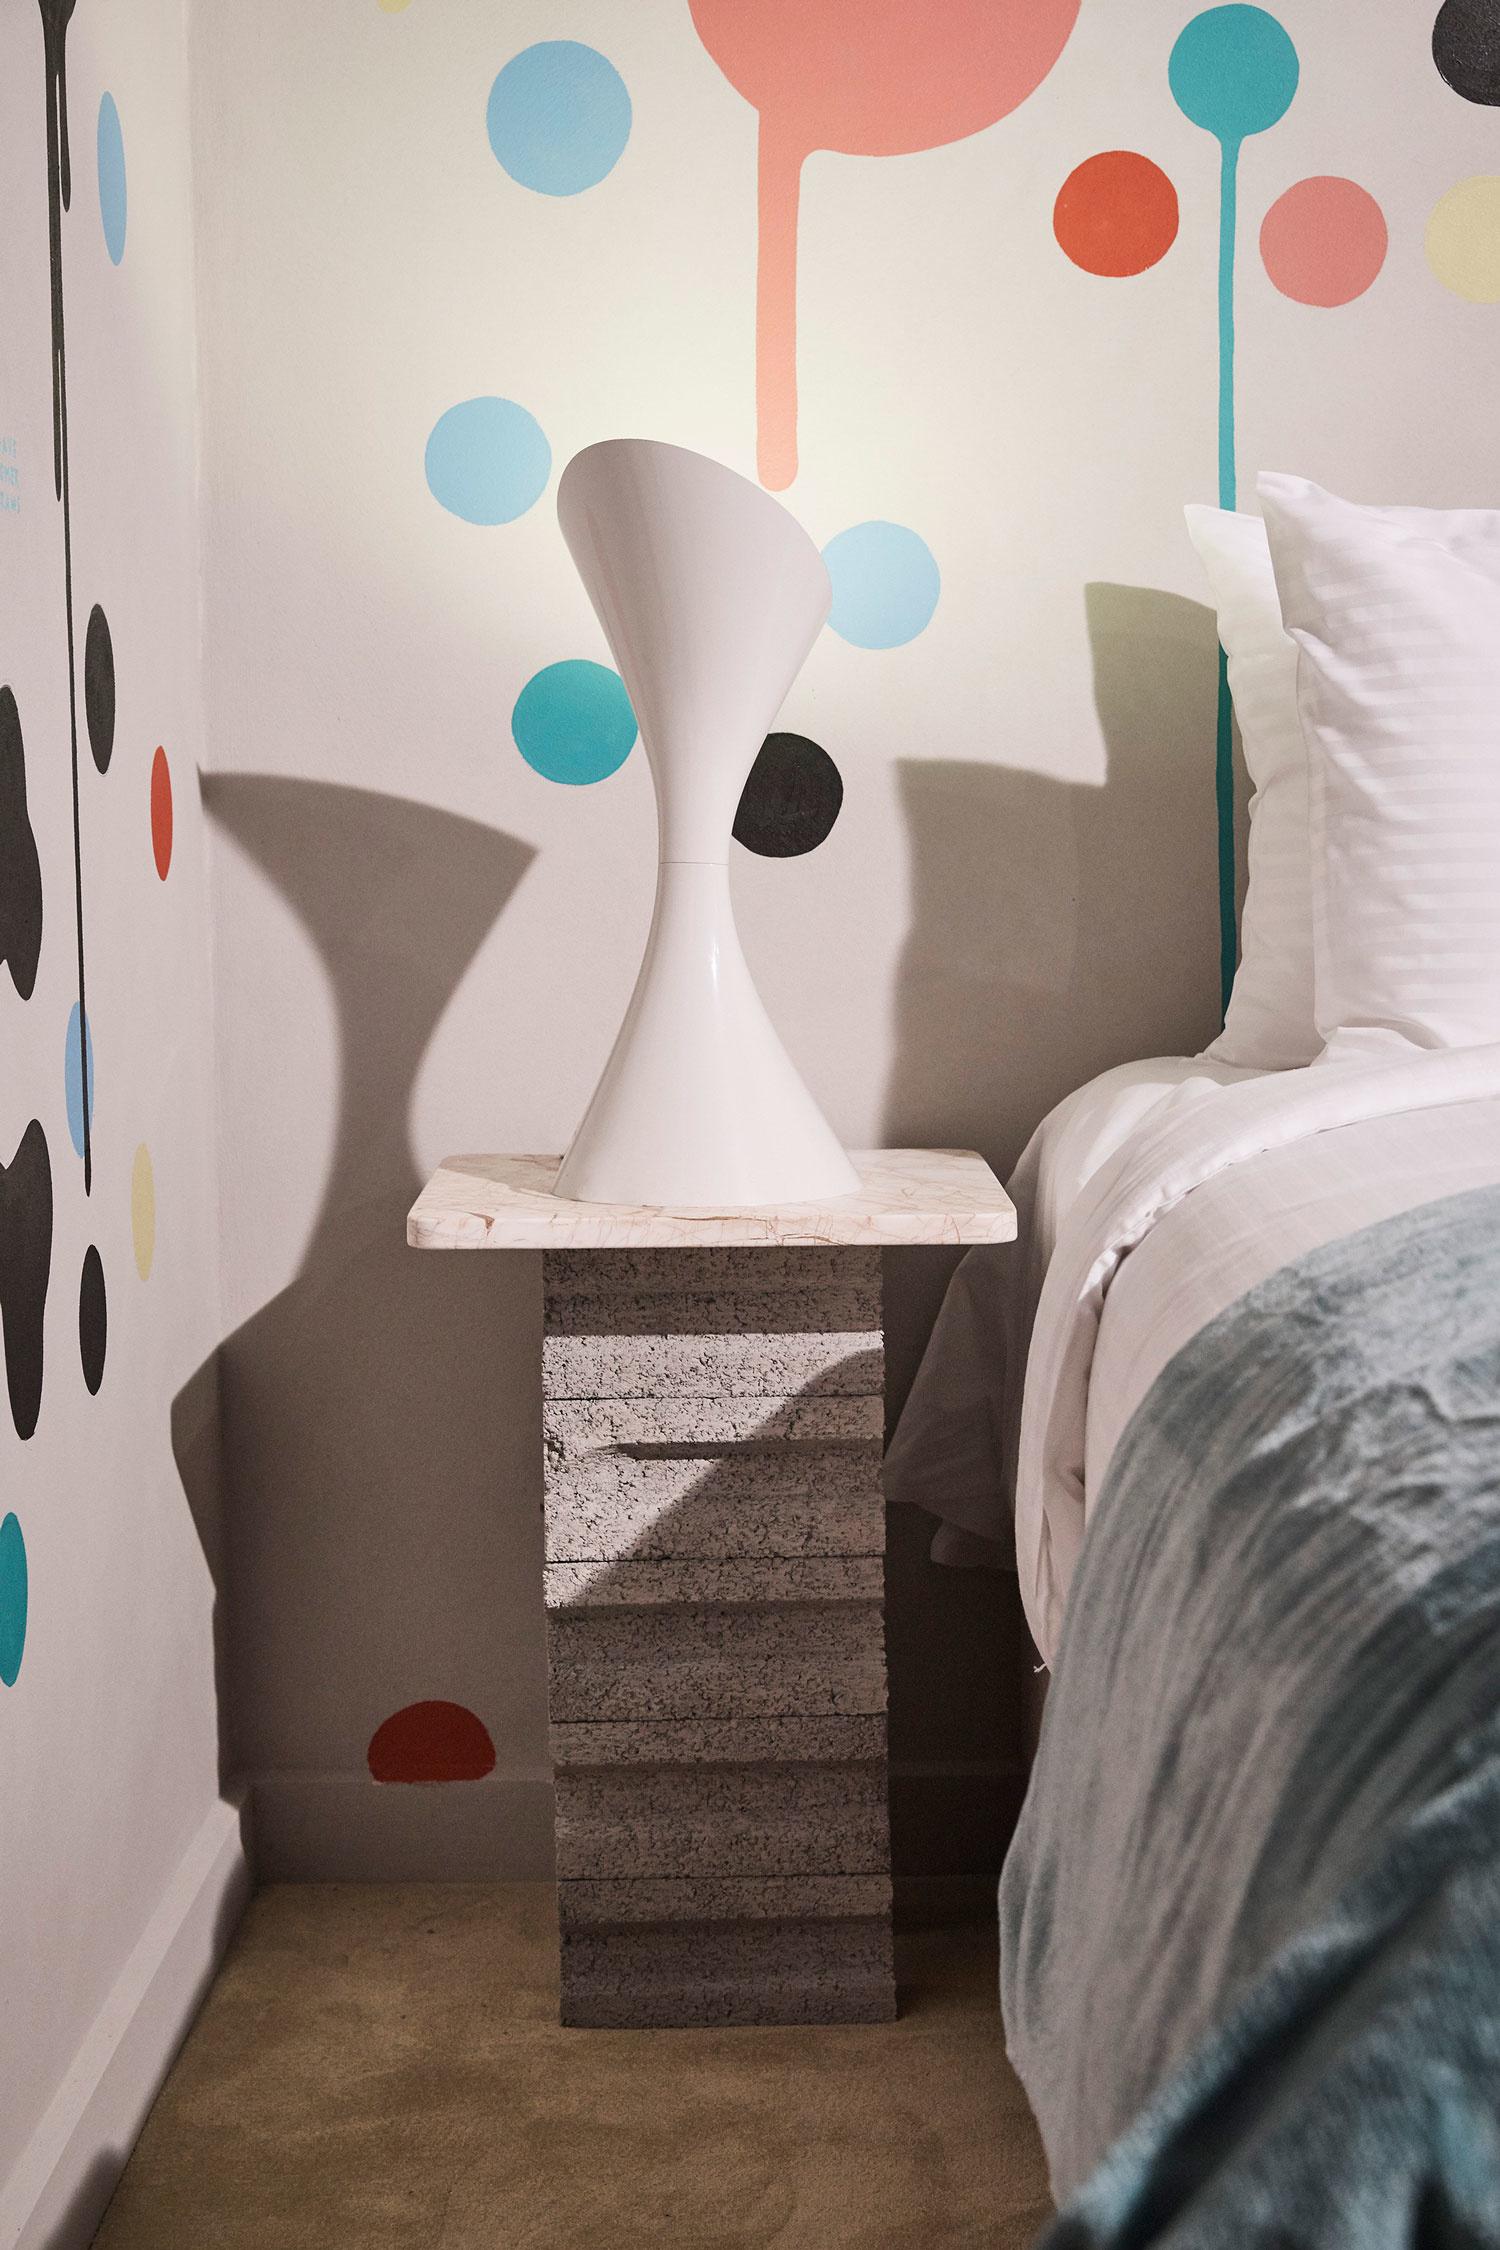 Отель Collectionist: современное искусство и авторский декор (галерея 10, фото 1)